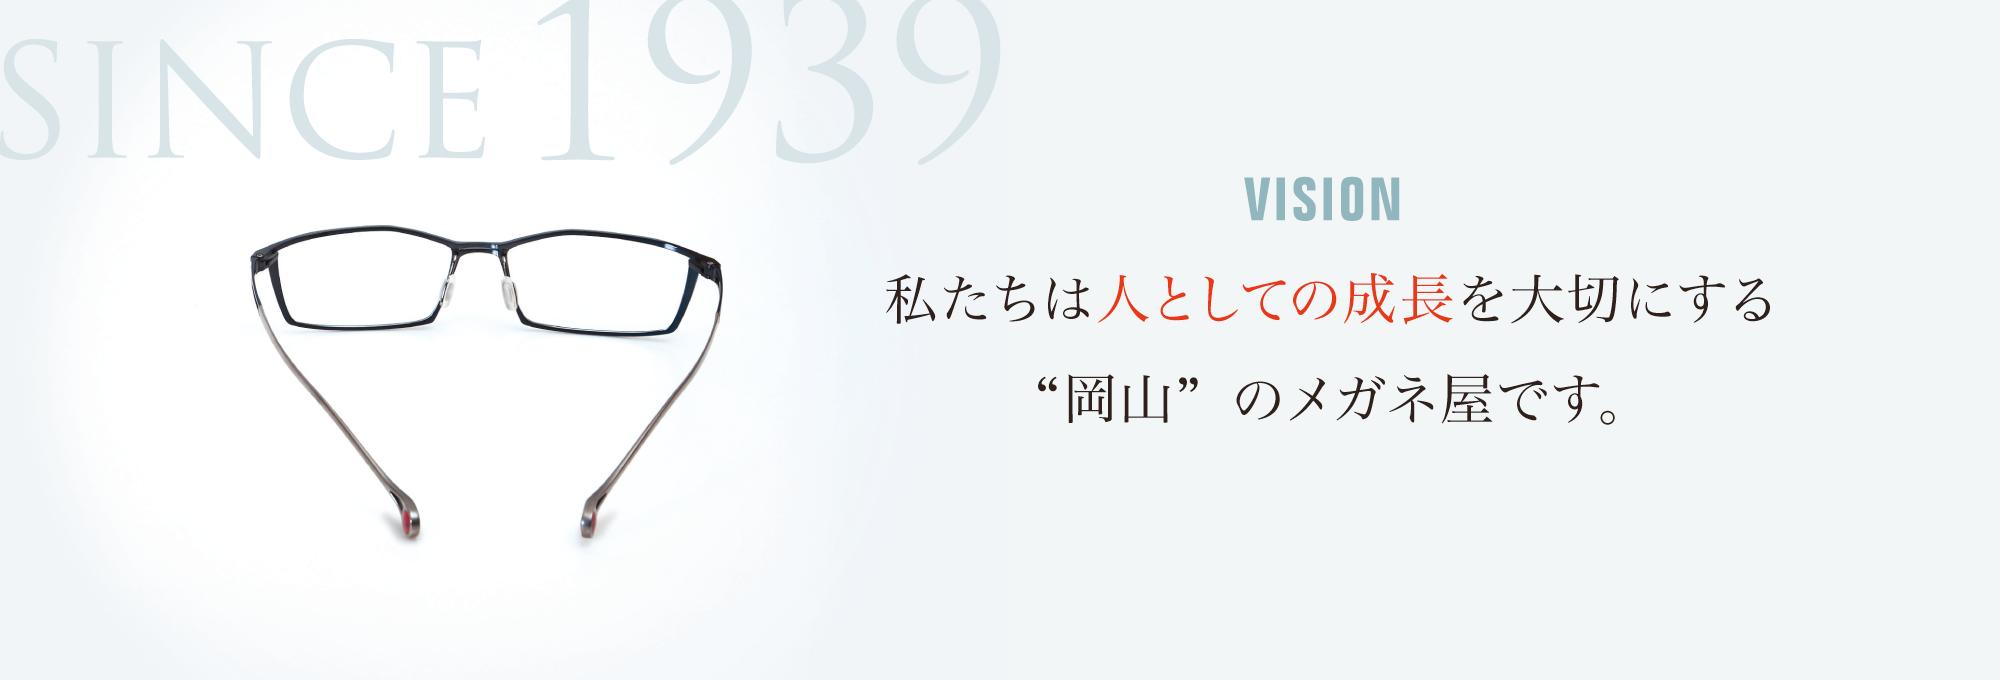 メガネのひらまつの想い